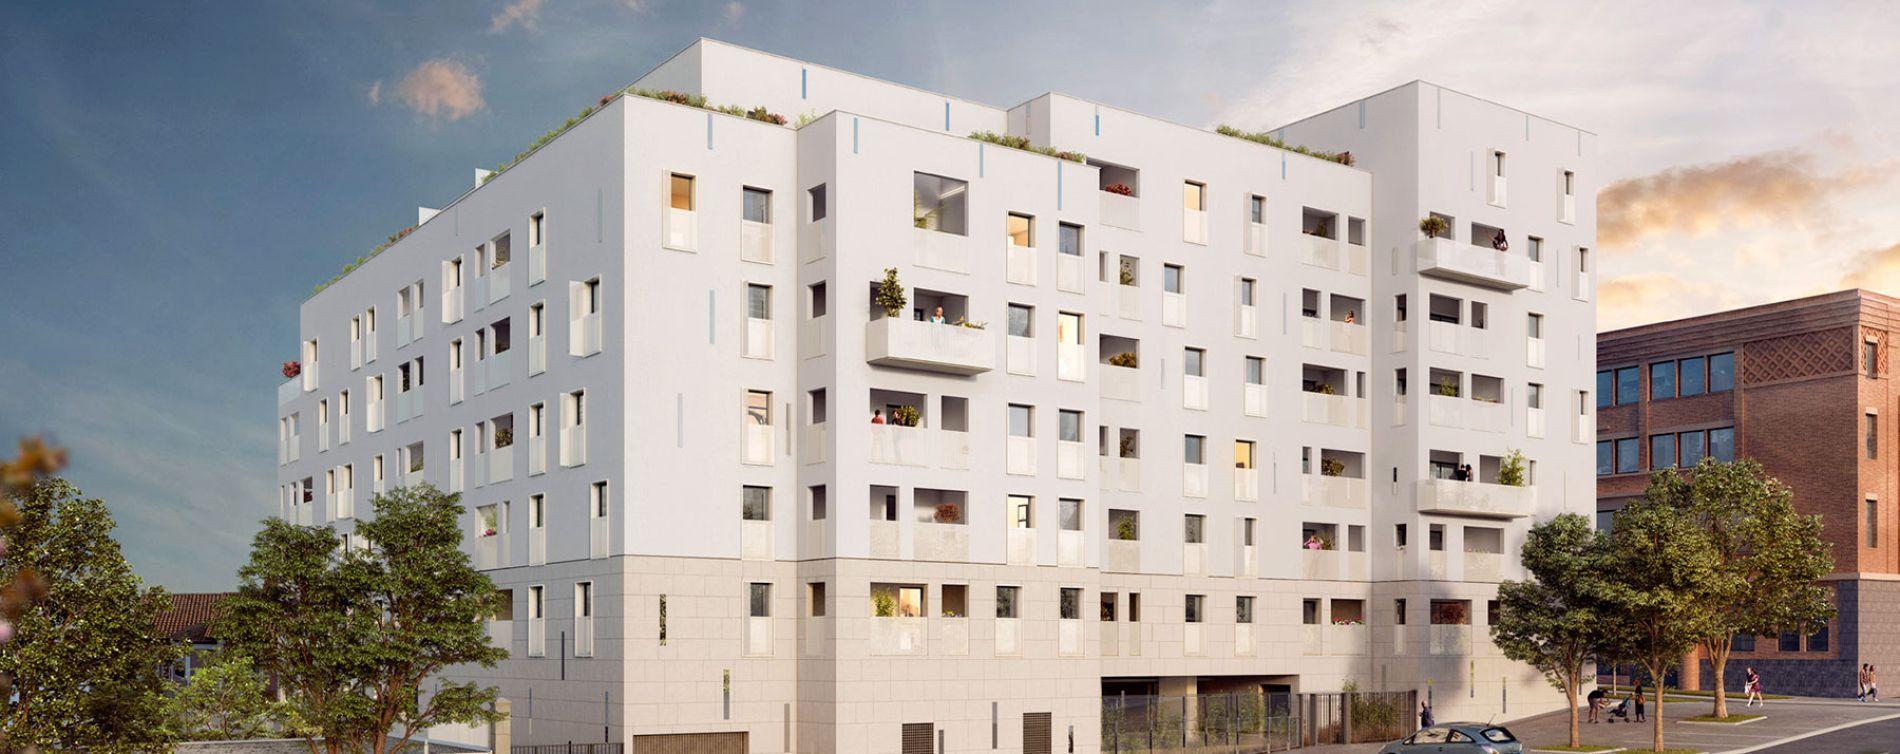 Résidence Hôtel Dieu - L'Emblématique à Clermont-Ferrand